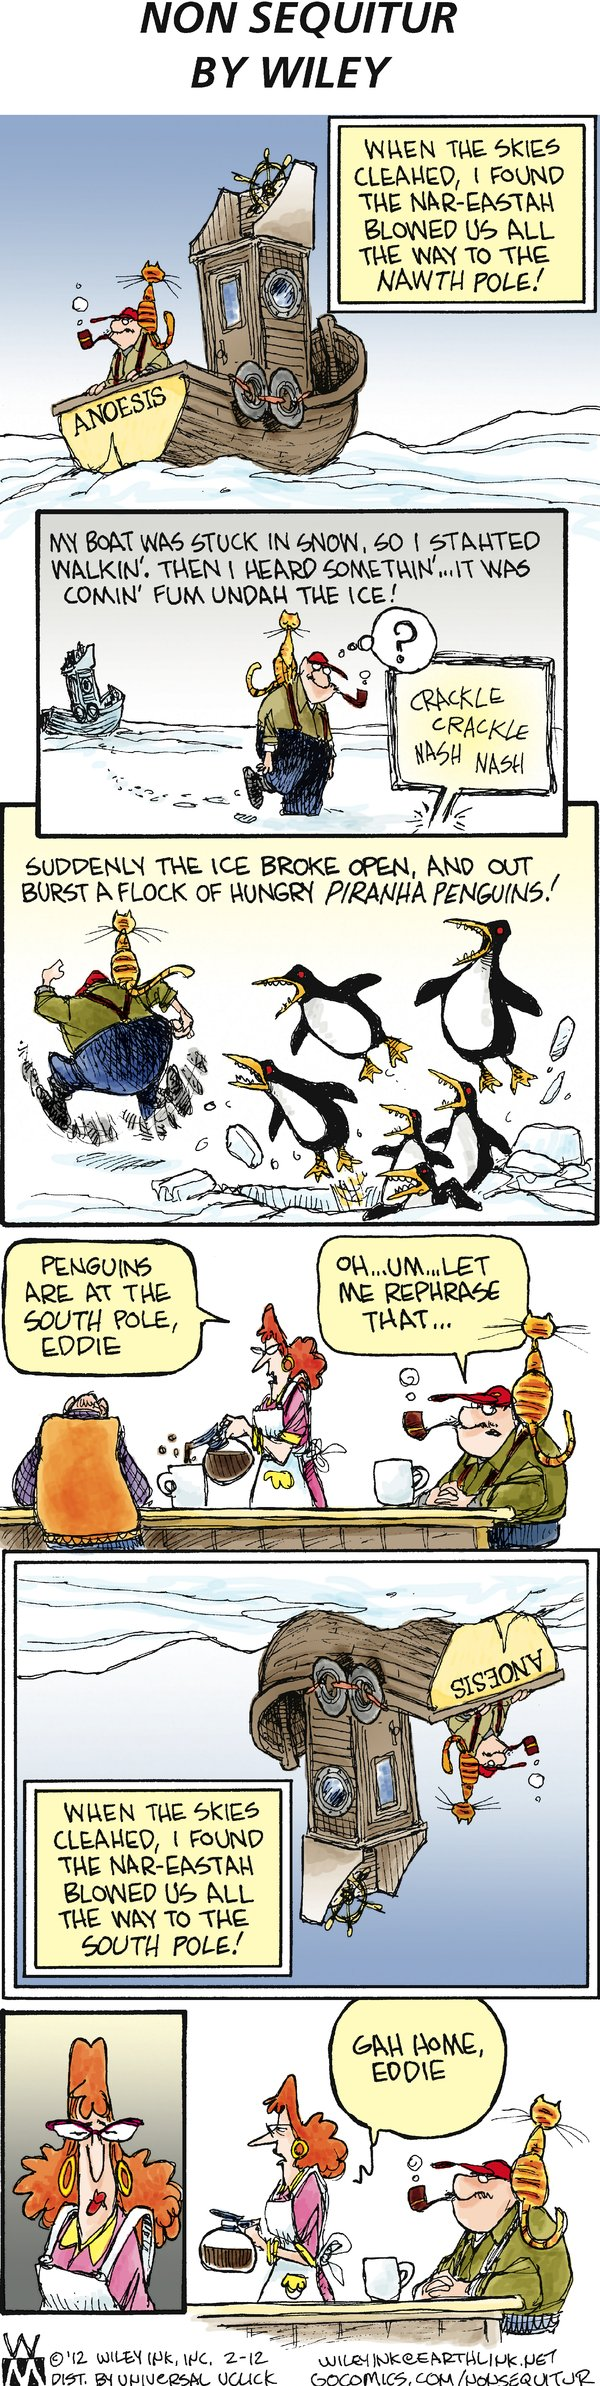 Non Sequitur for Feb 12, 2012 Comic Strip